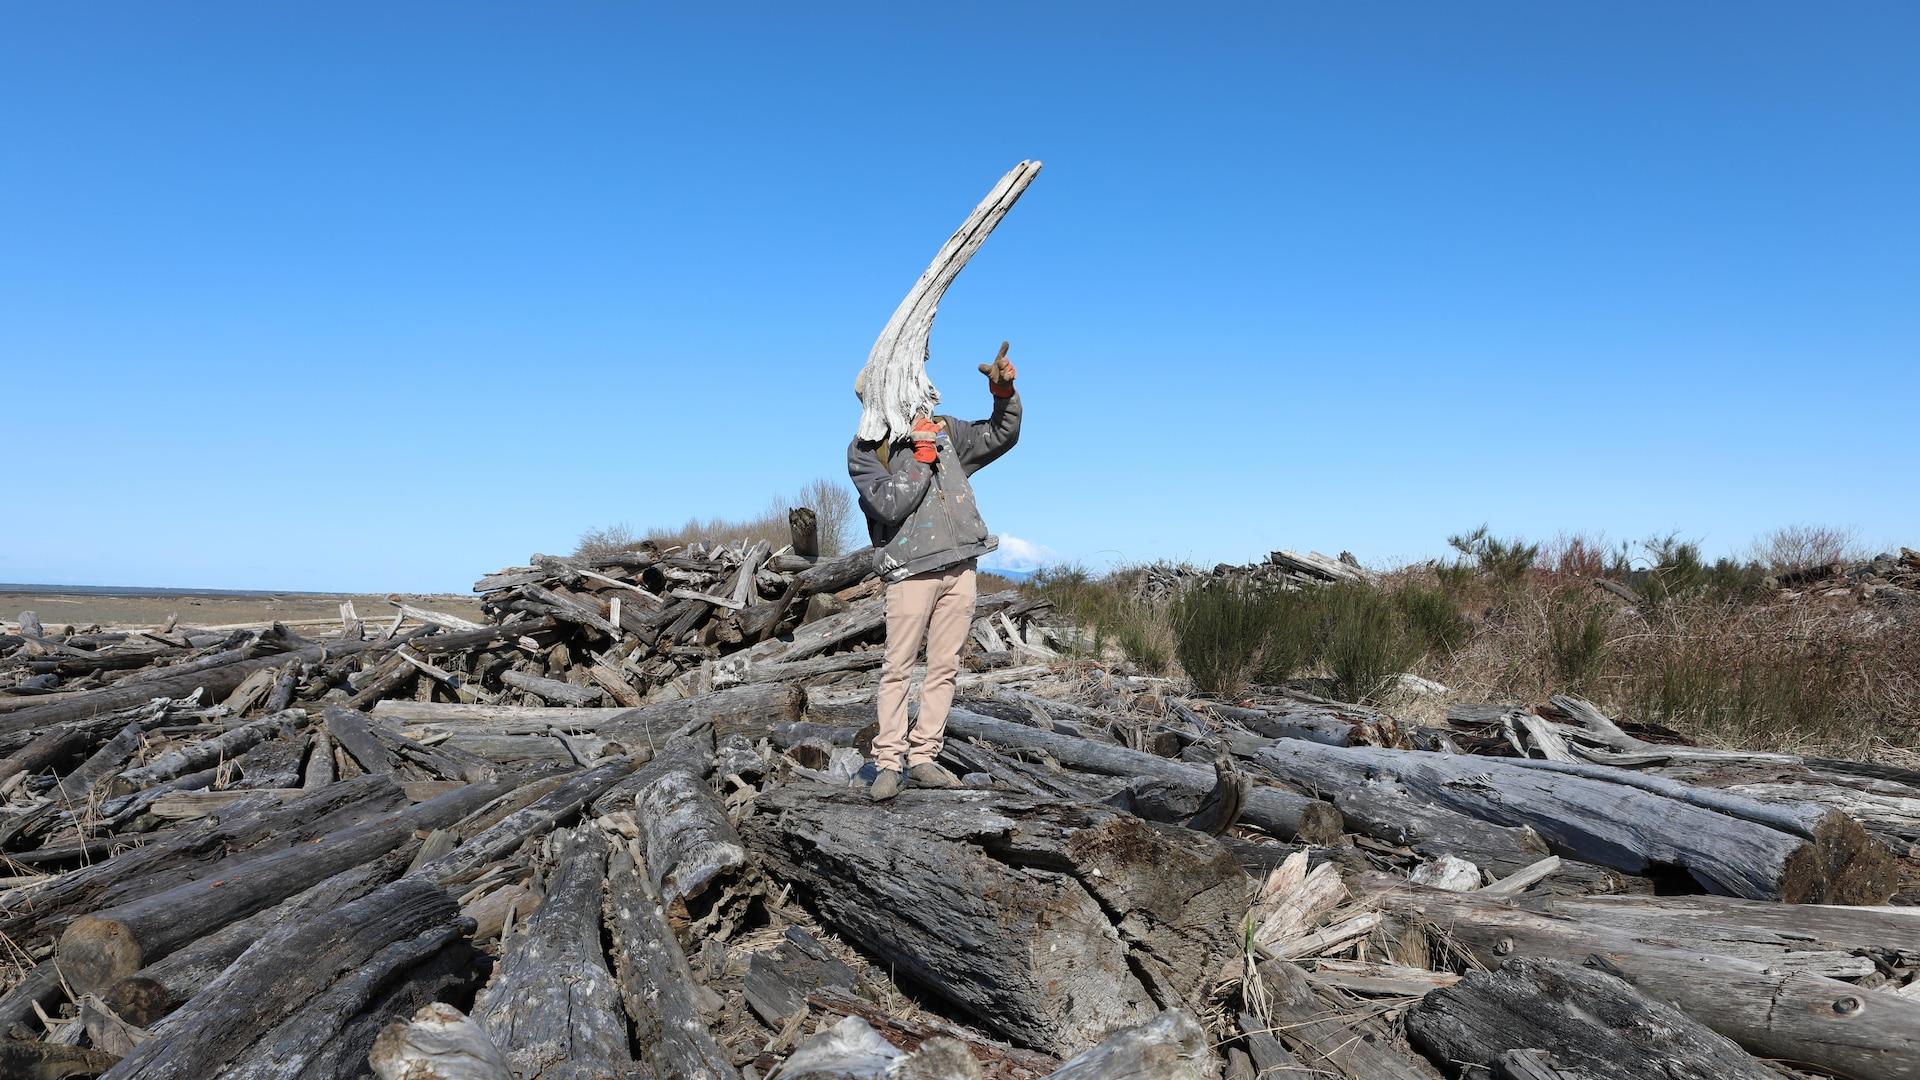 Maurice Sherwood sur une plage remplie de bois flotté tiens un morceau de bois devant son visage.